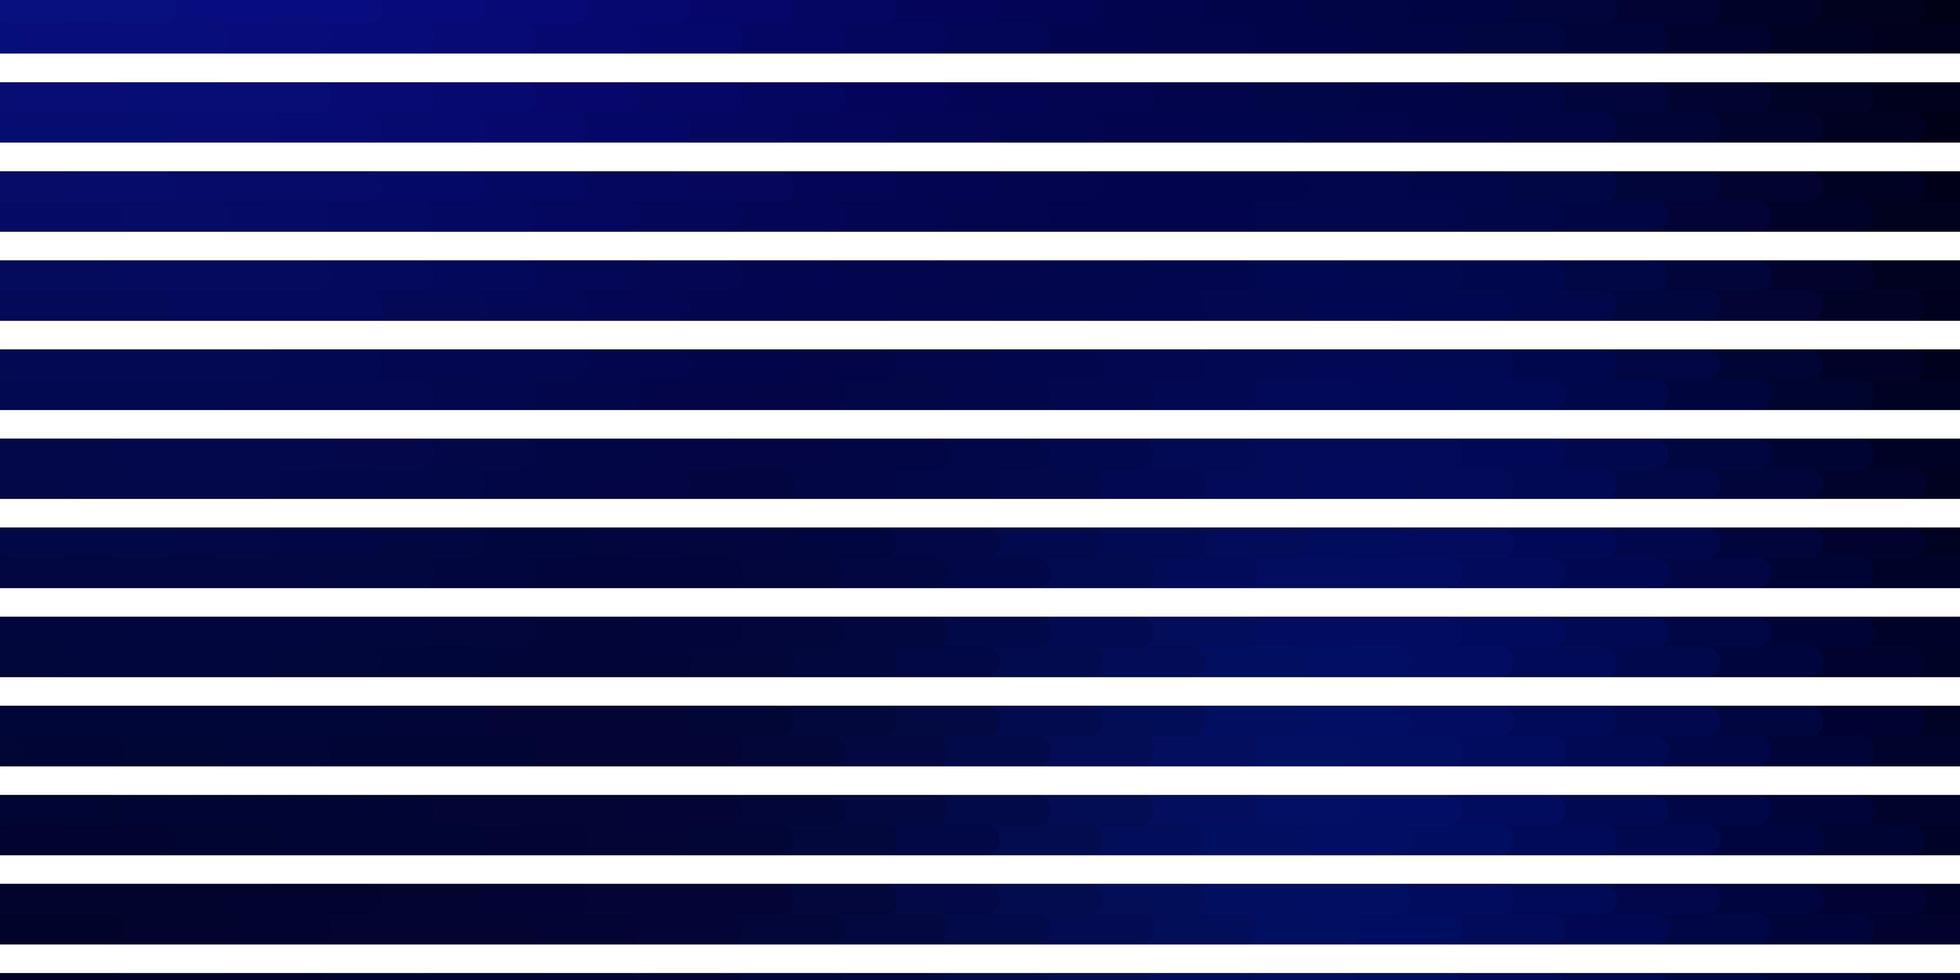 modèle bleu foncé avec des lignes. vecteur